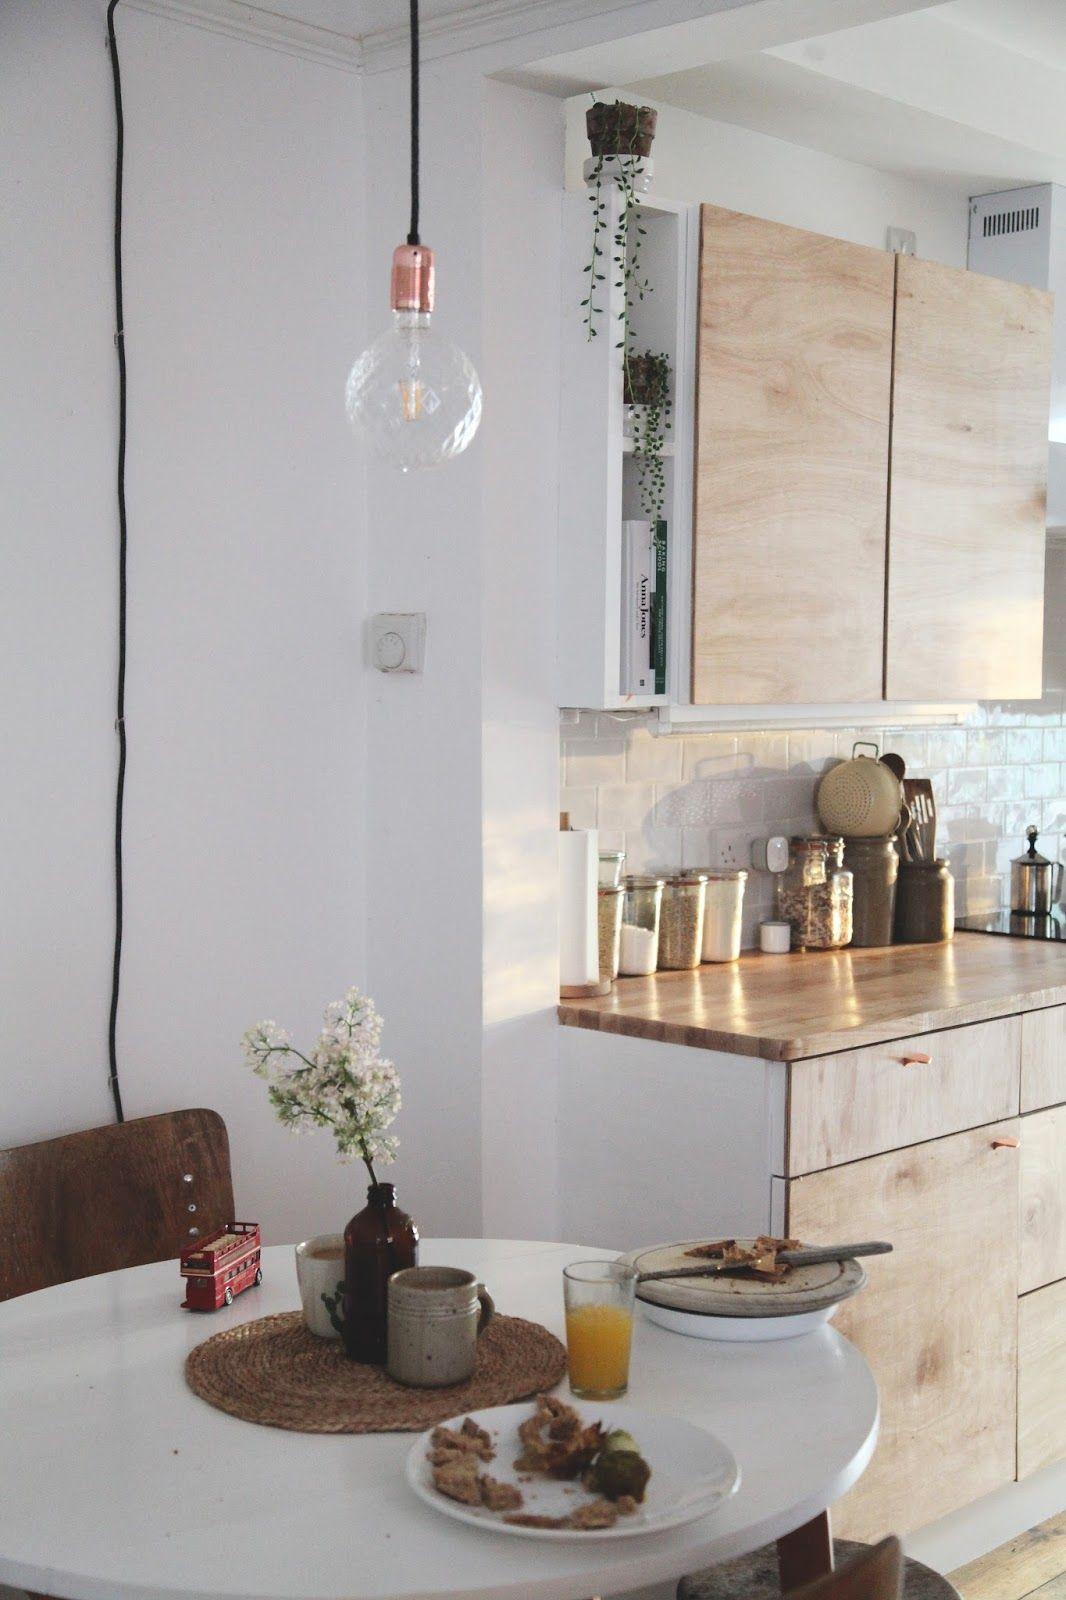 DIY budget kitchen makeover ideas for under £650 Plywood kitchen ...